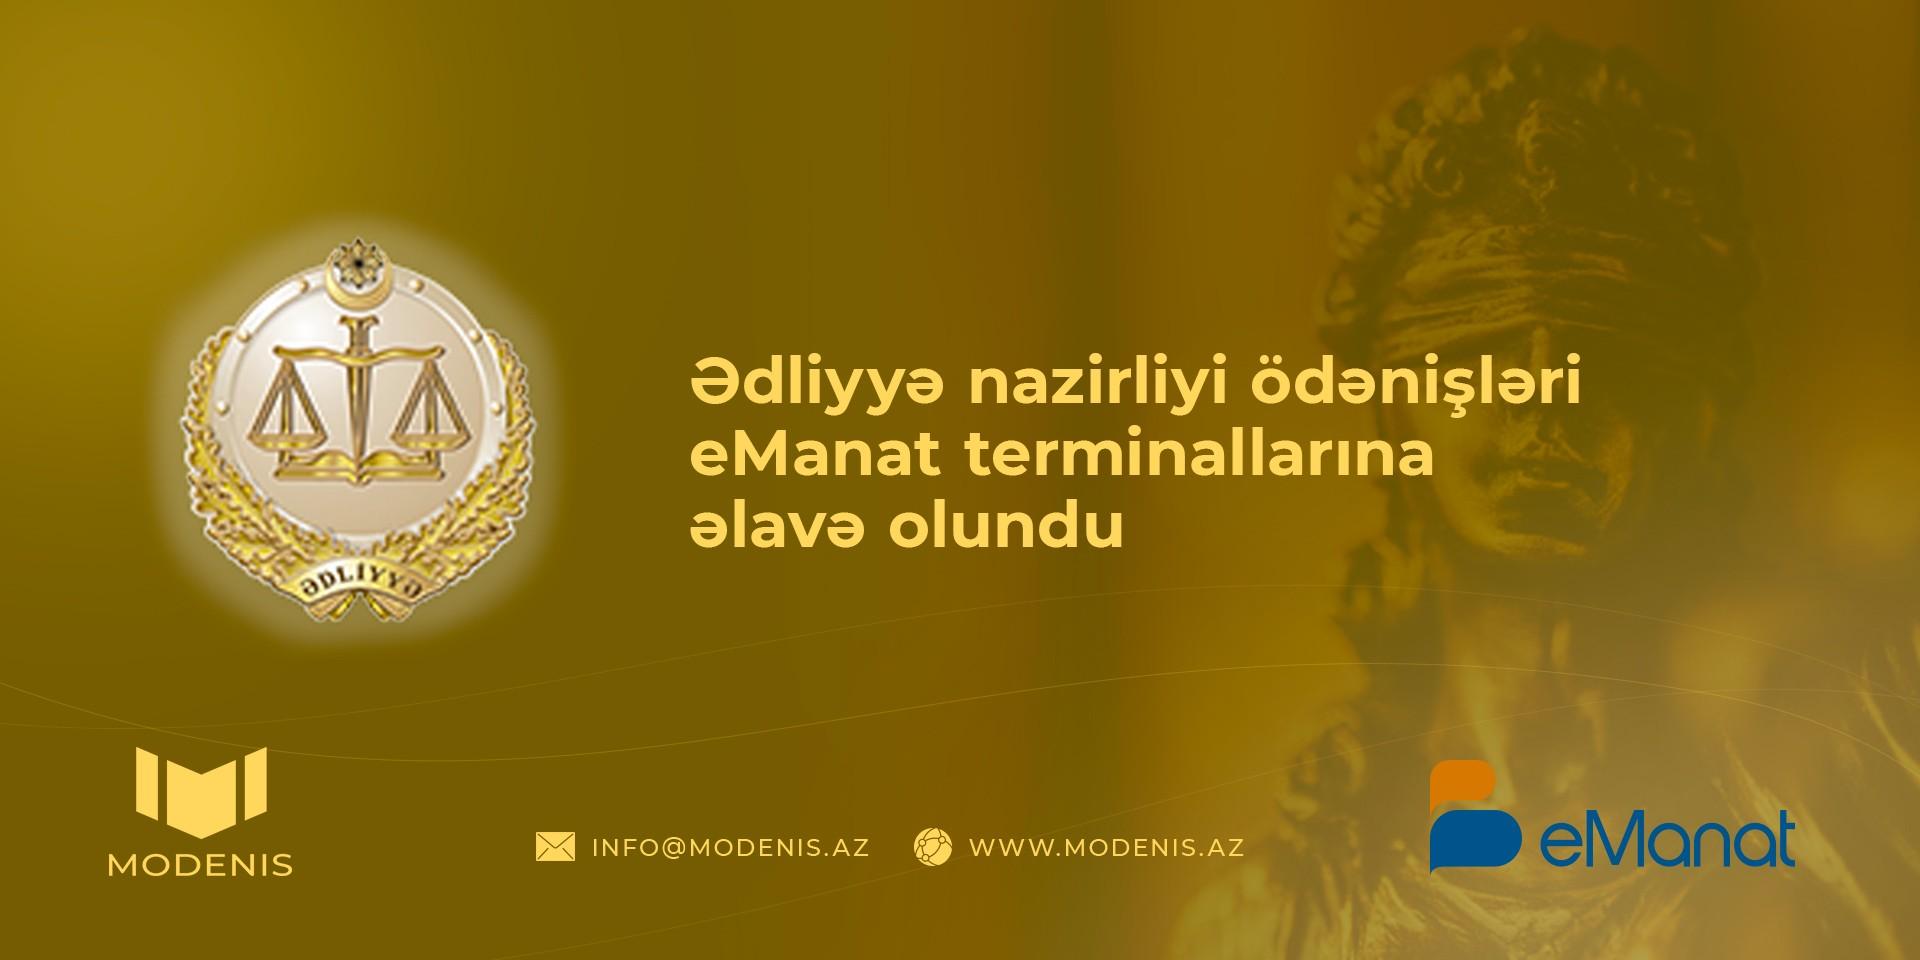 Modenis Mmc ədliyyə Nazirliyi Odənisləri Emanat Terminallarina əlavə Olundu